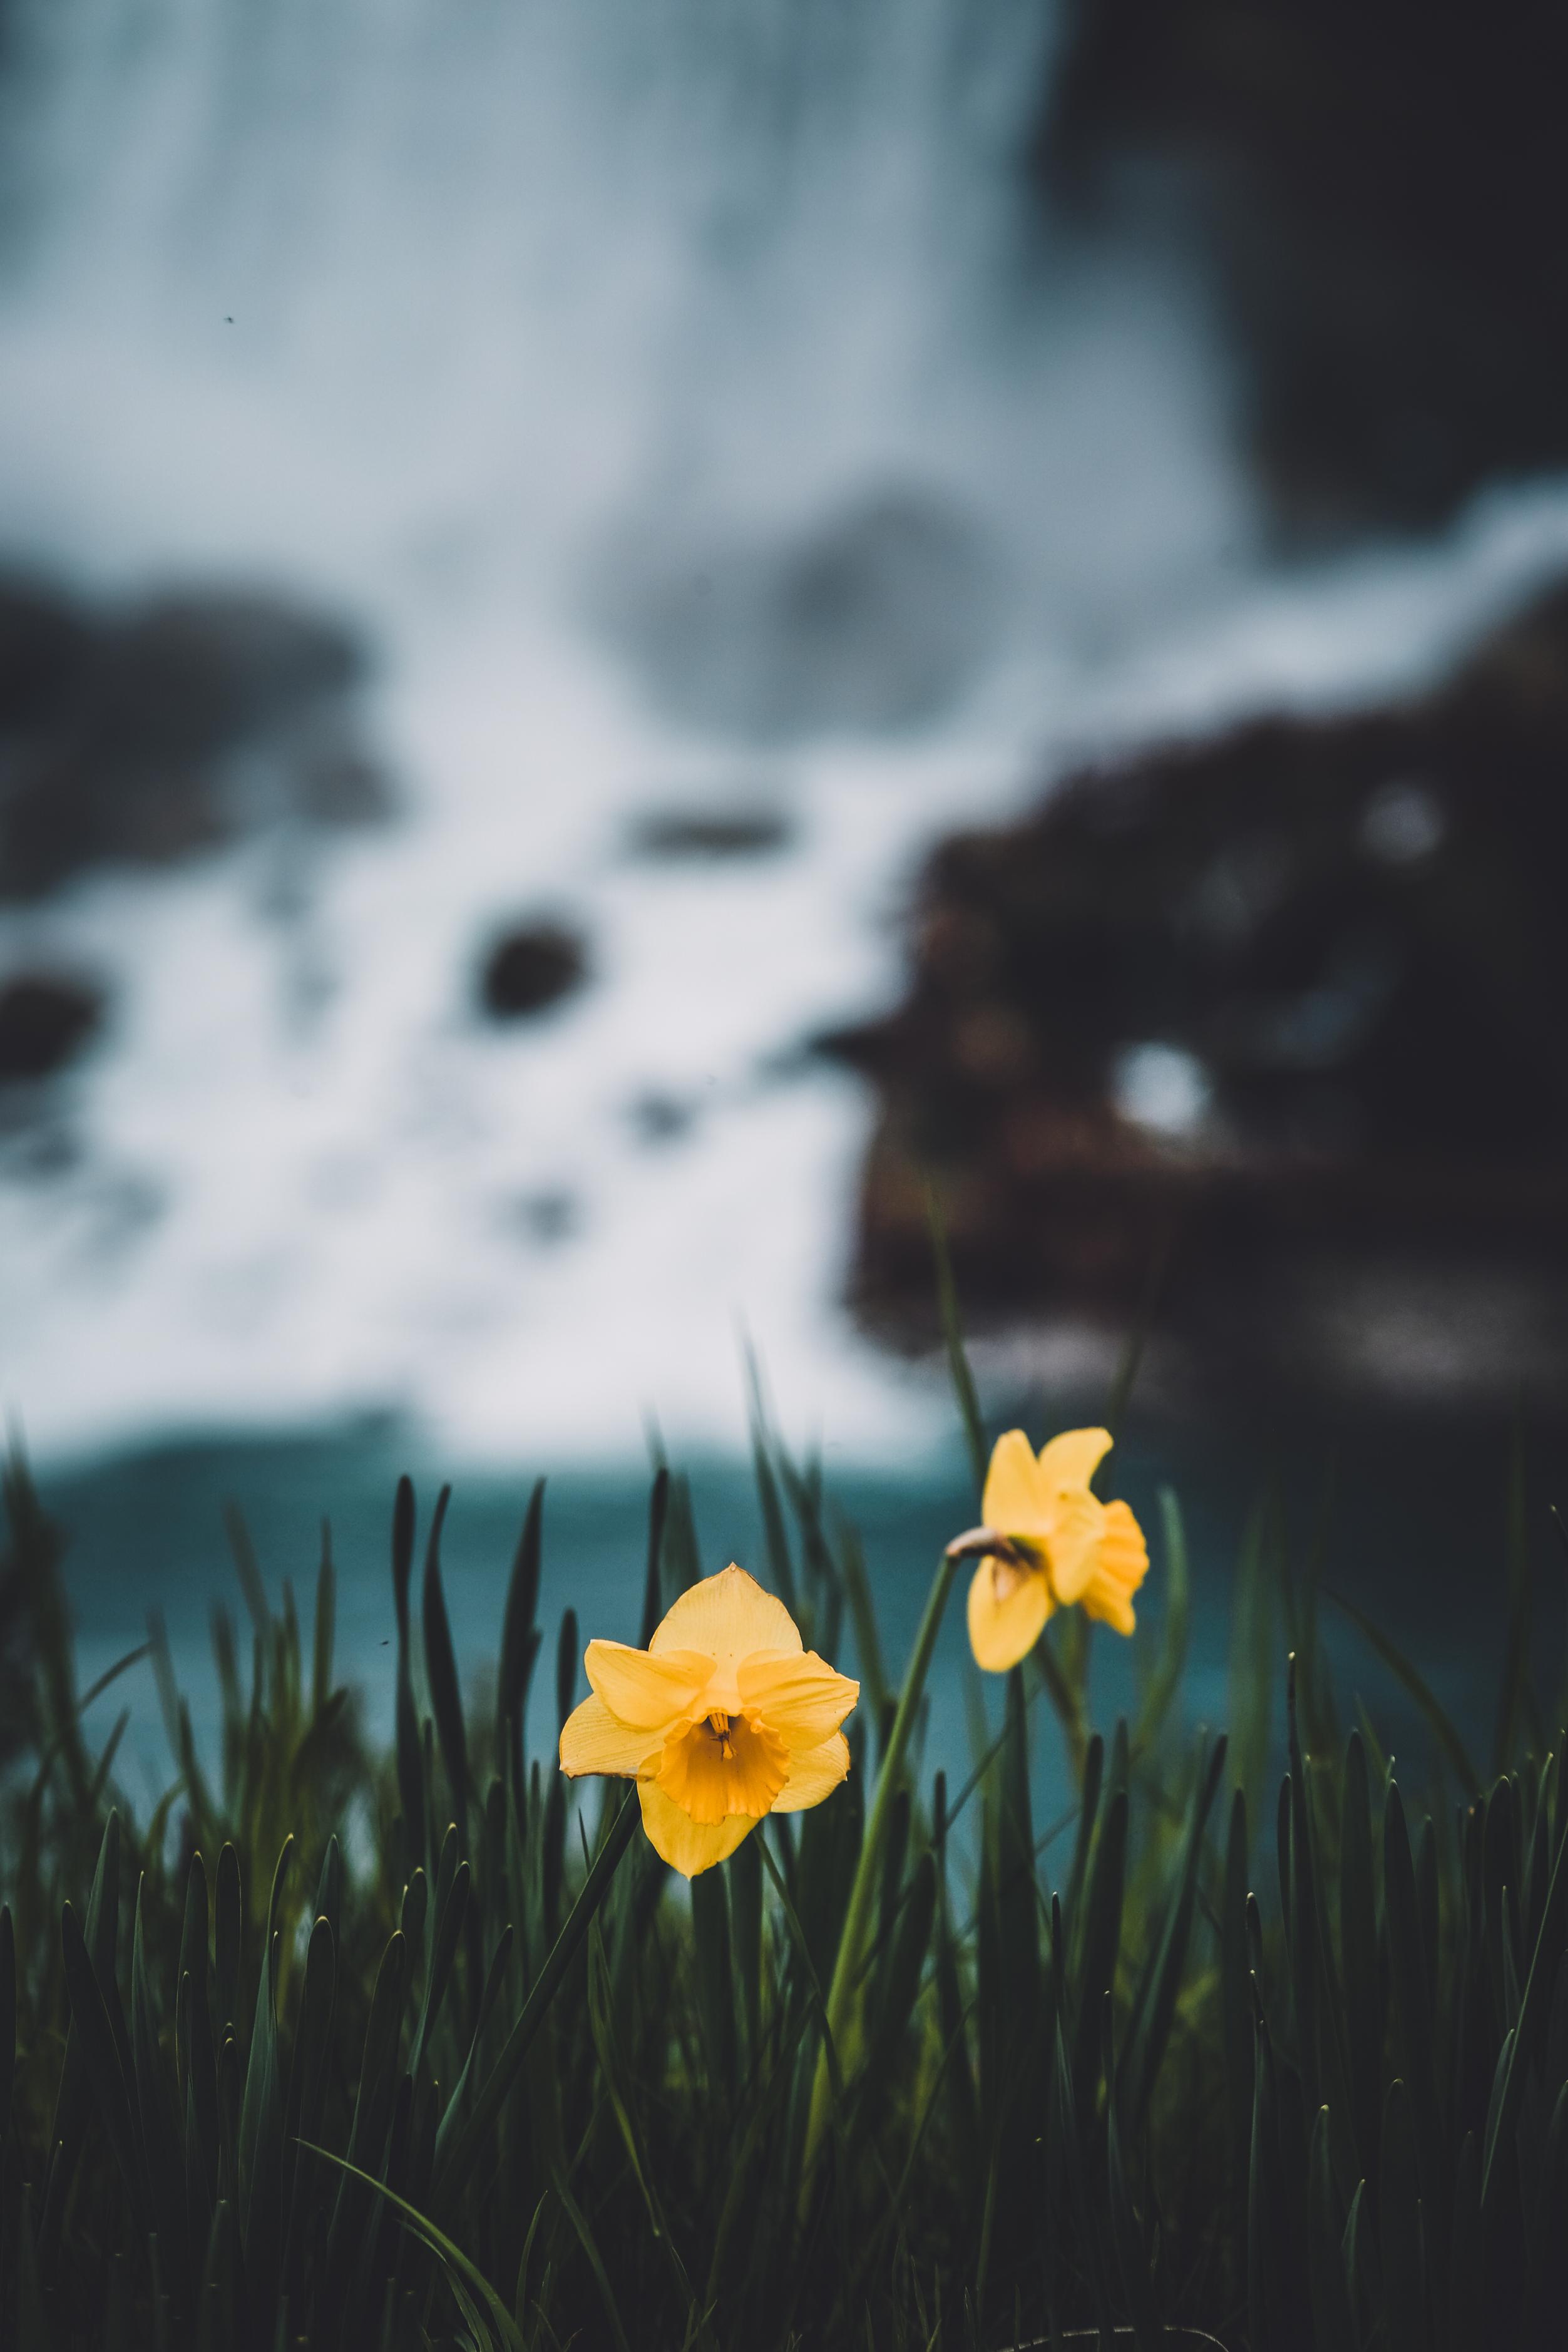 74501 Заставки и Обои Нарциссы на телефон. Скачать Цветы, Трава, Нарциссы, Размытость картинки бесплатно